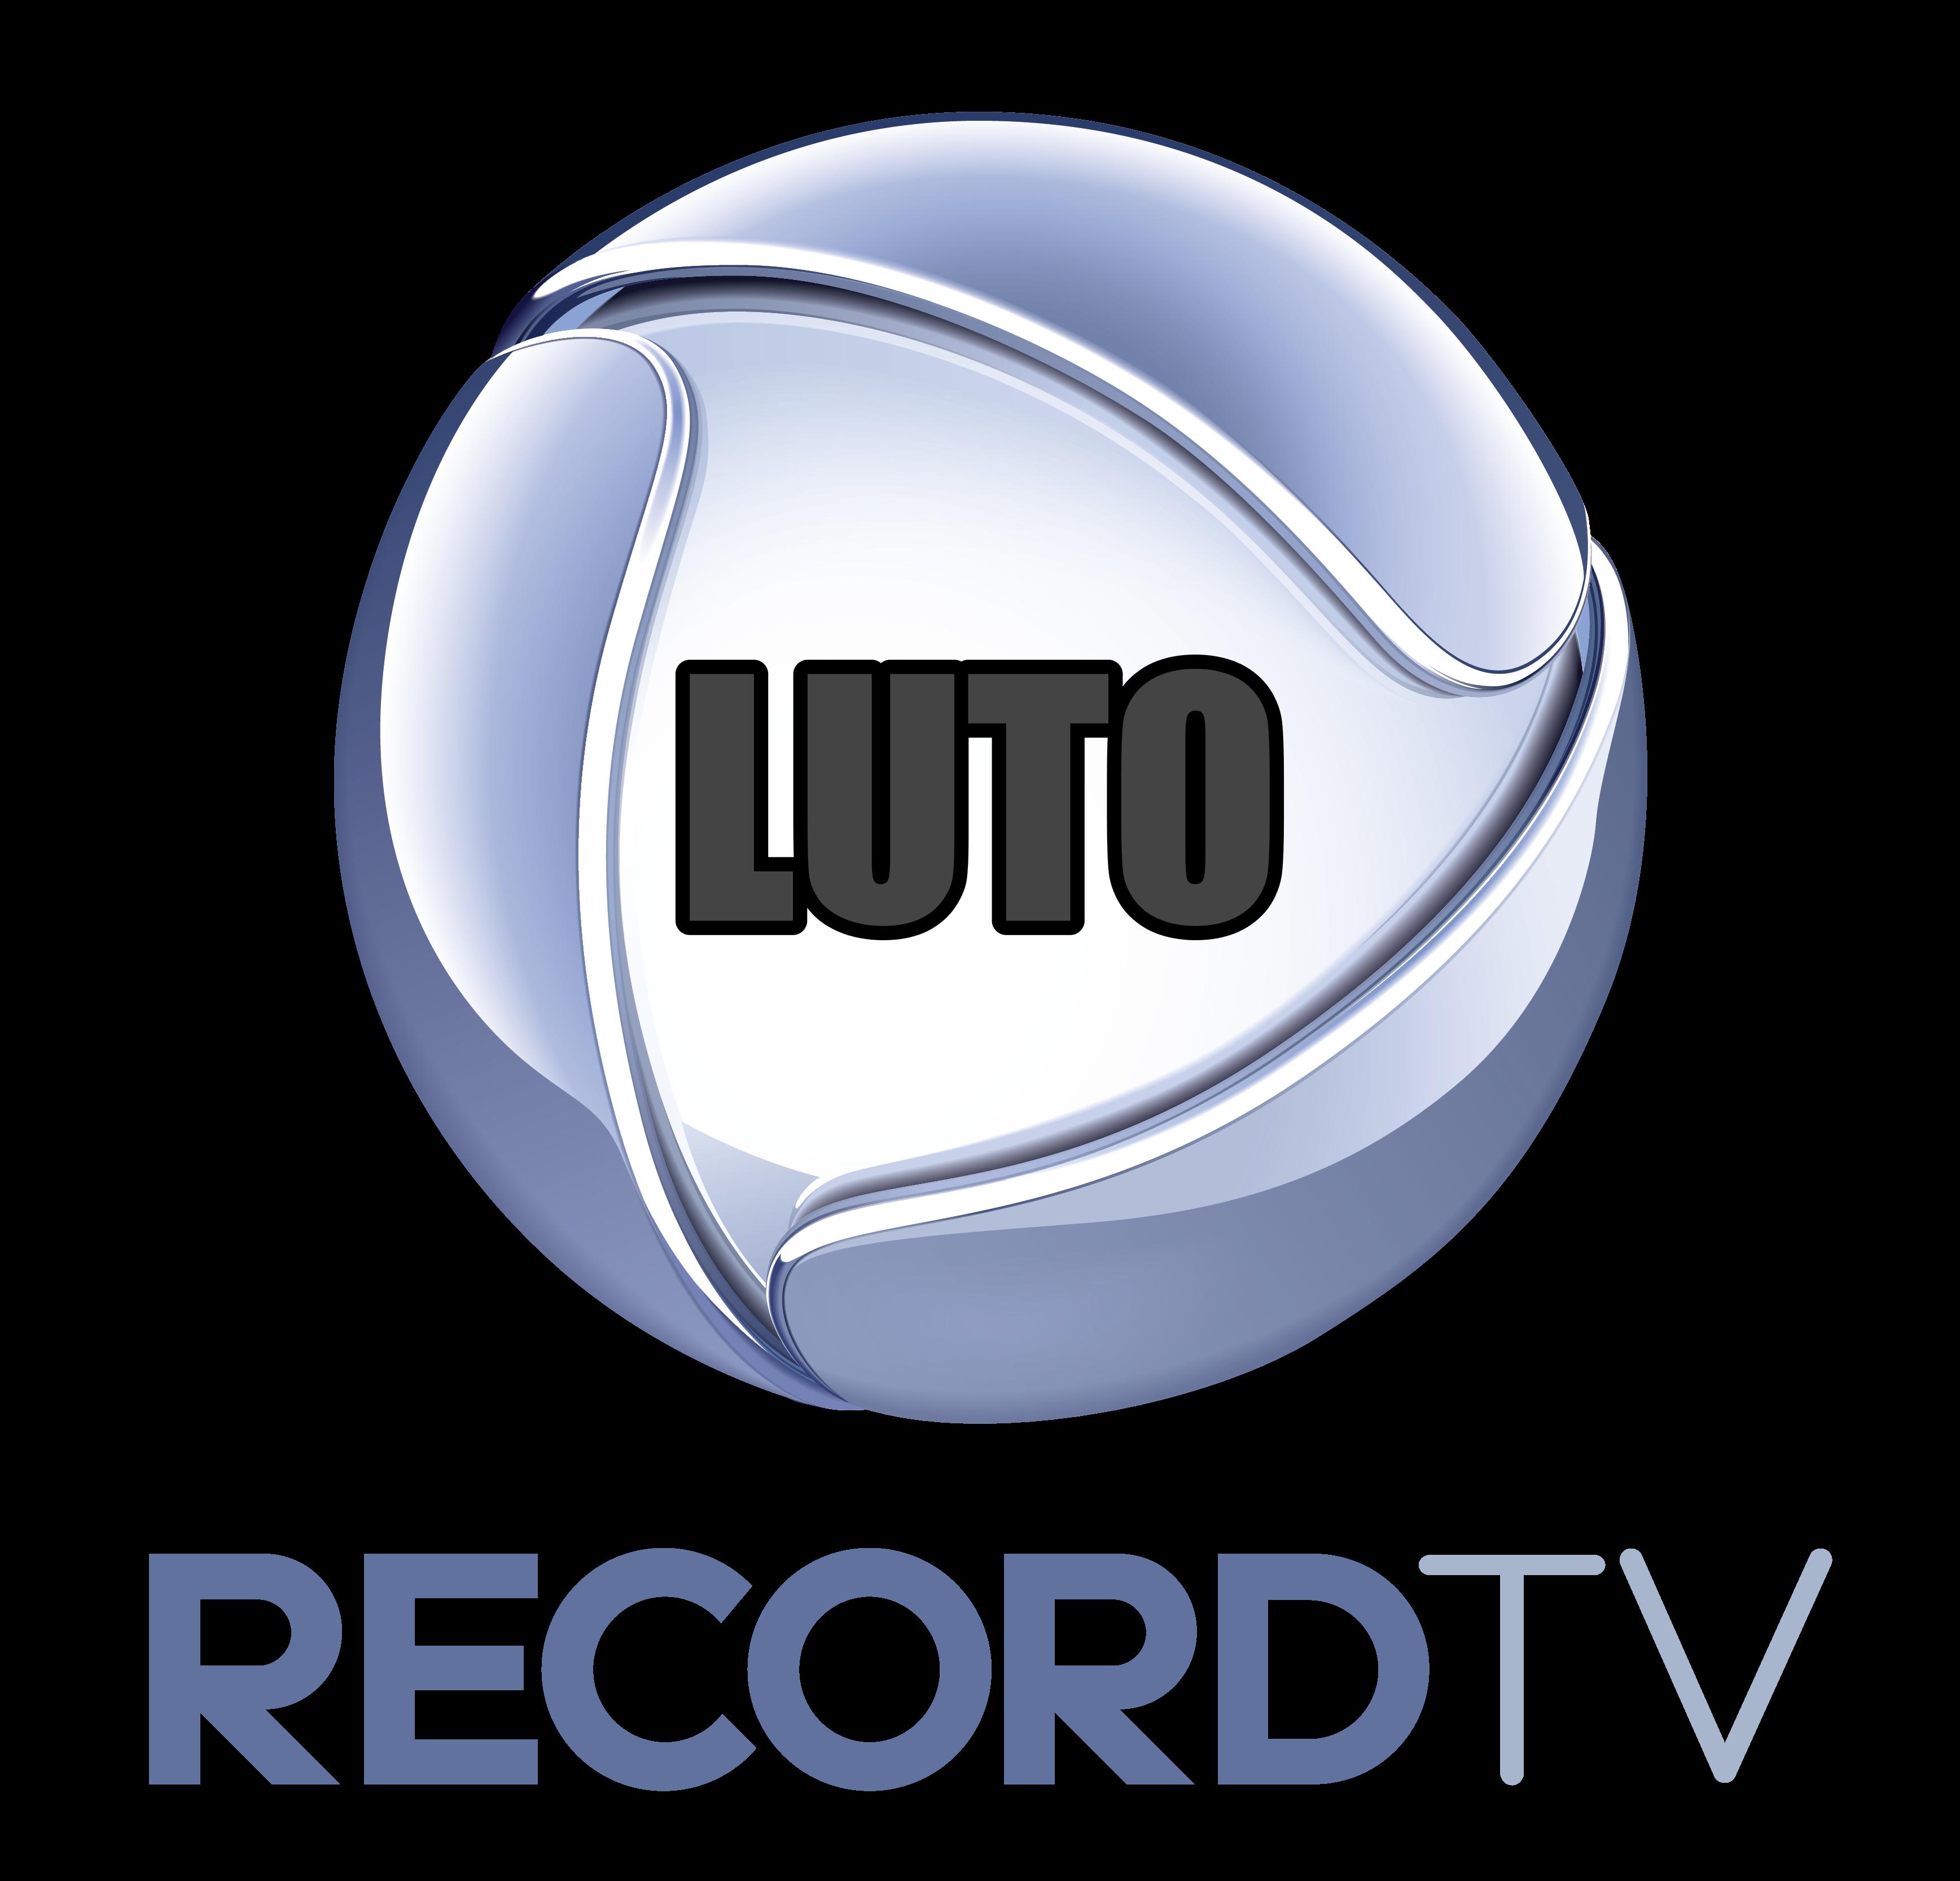 Morre importante apresentador da Record TV, José Graciliano Rodrigues, emissora está de luto Foto: Reprodução